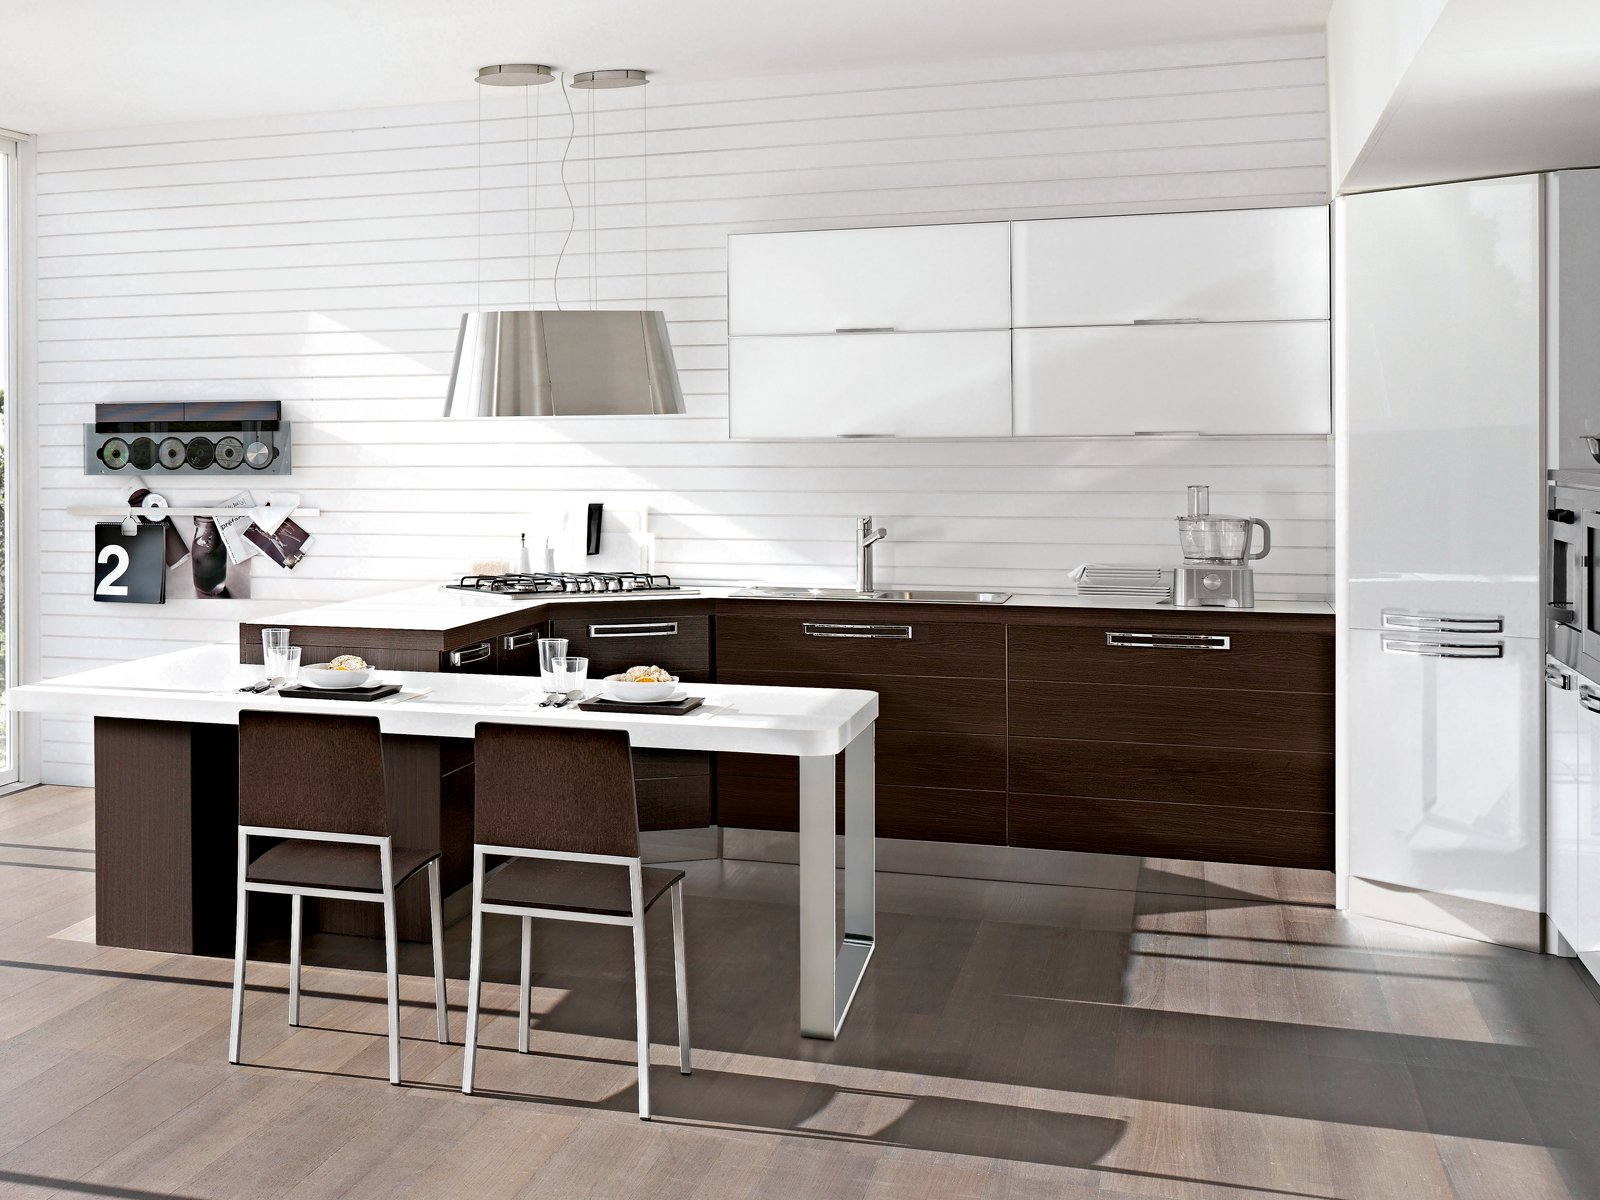 Forum Arredamento.it •Pavimento Rosa Chiaro In Soggiorno/cucina #34261E 1600 1200 Sala Da Pranzo Parquet